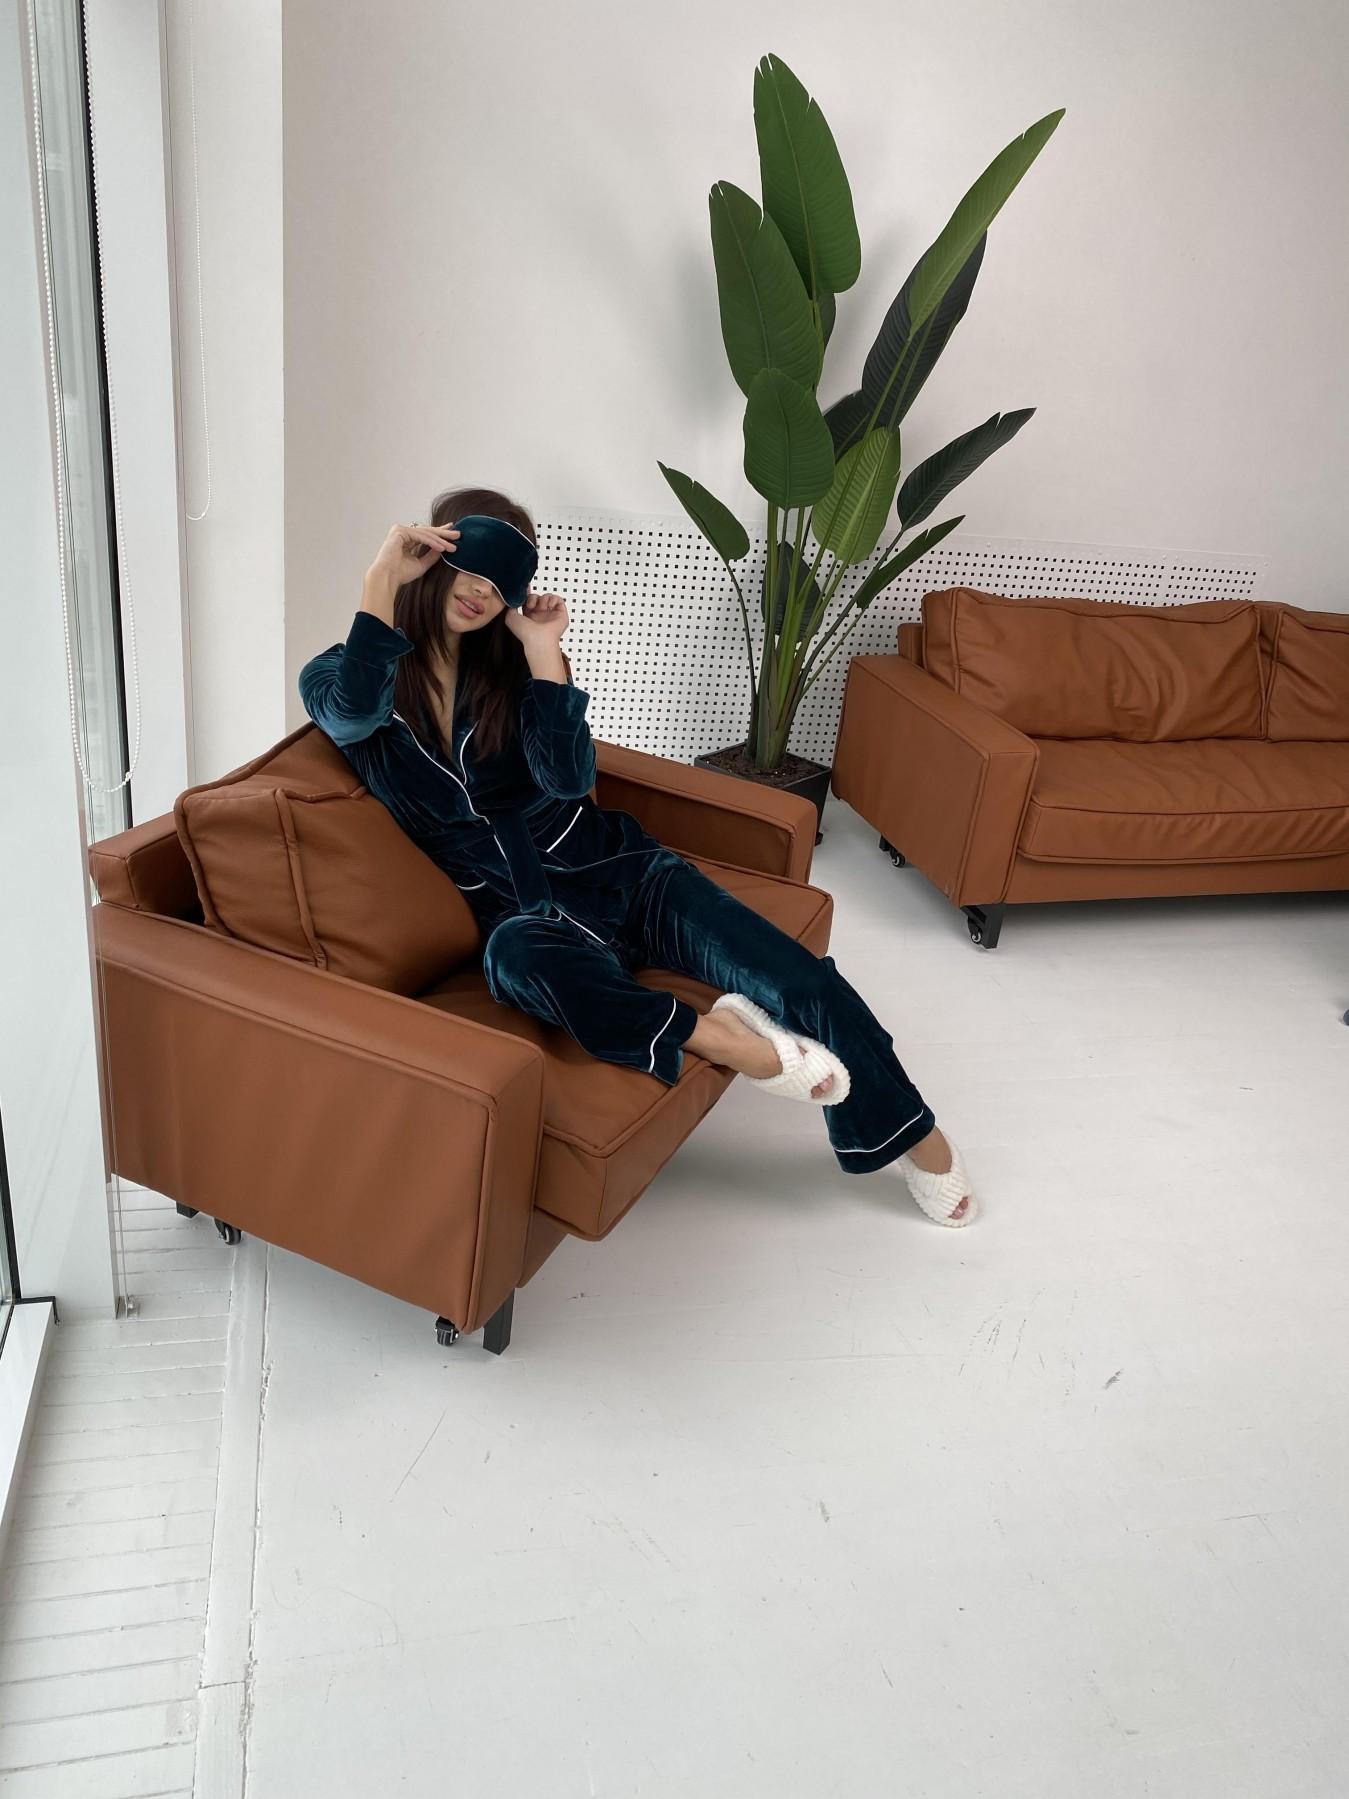 Шайн пижама велюр жакет брюки маска для сна 10353 АРТ. 47087 Цвет: Зеленый Темный - фото 7, интернет магазин tm-modus.ru